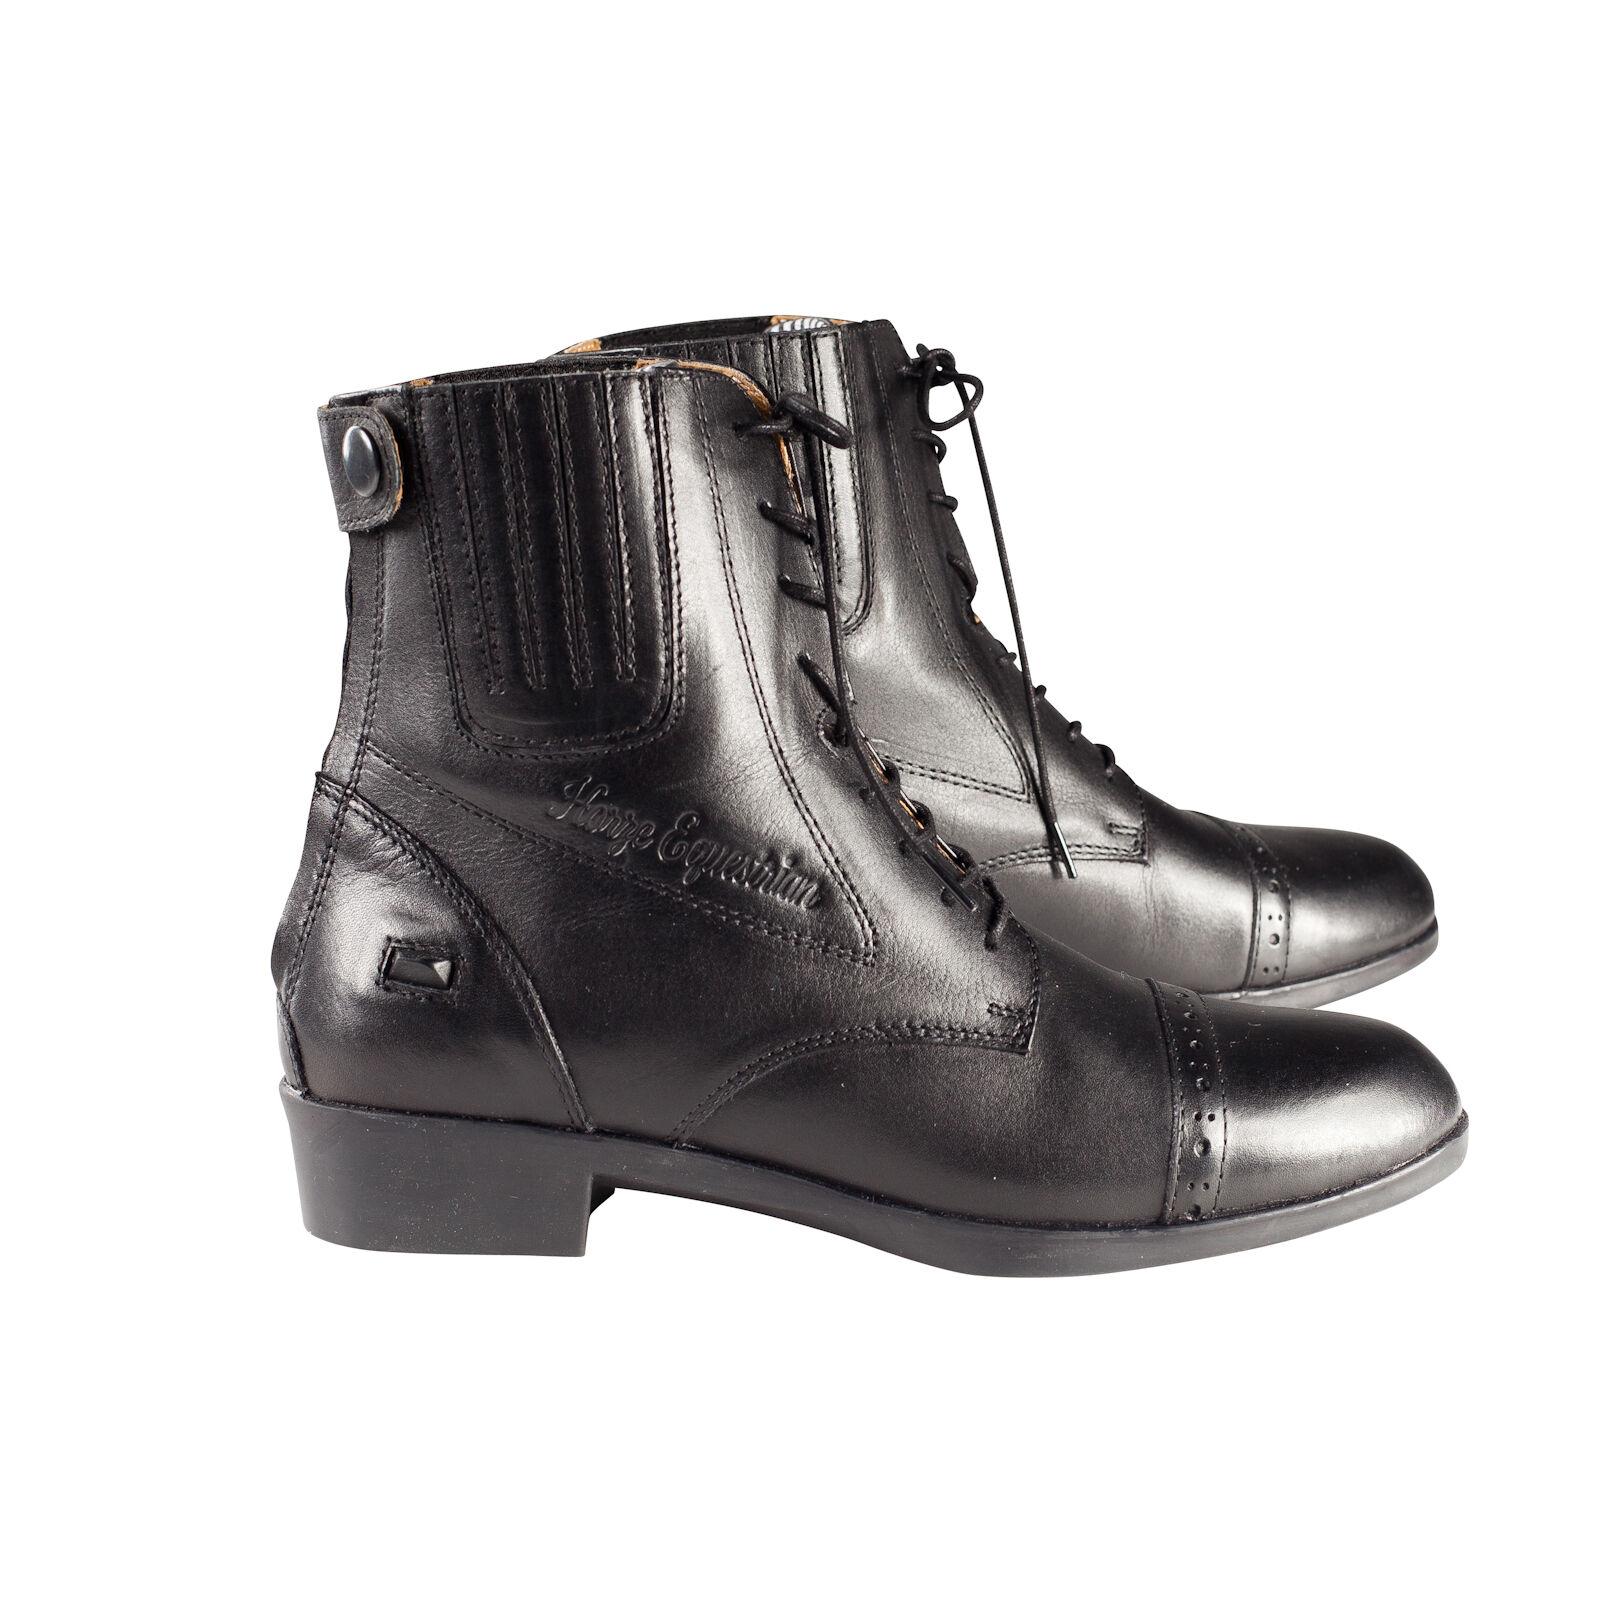 Dublin élévation Zip Pantalon Jodhpur pour femme bottes–Noir noir Noir Adults 6 Wmh6EbT89